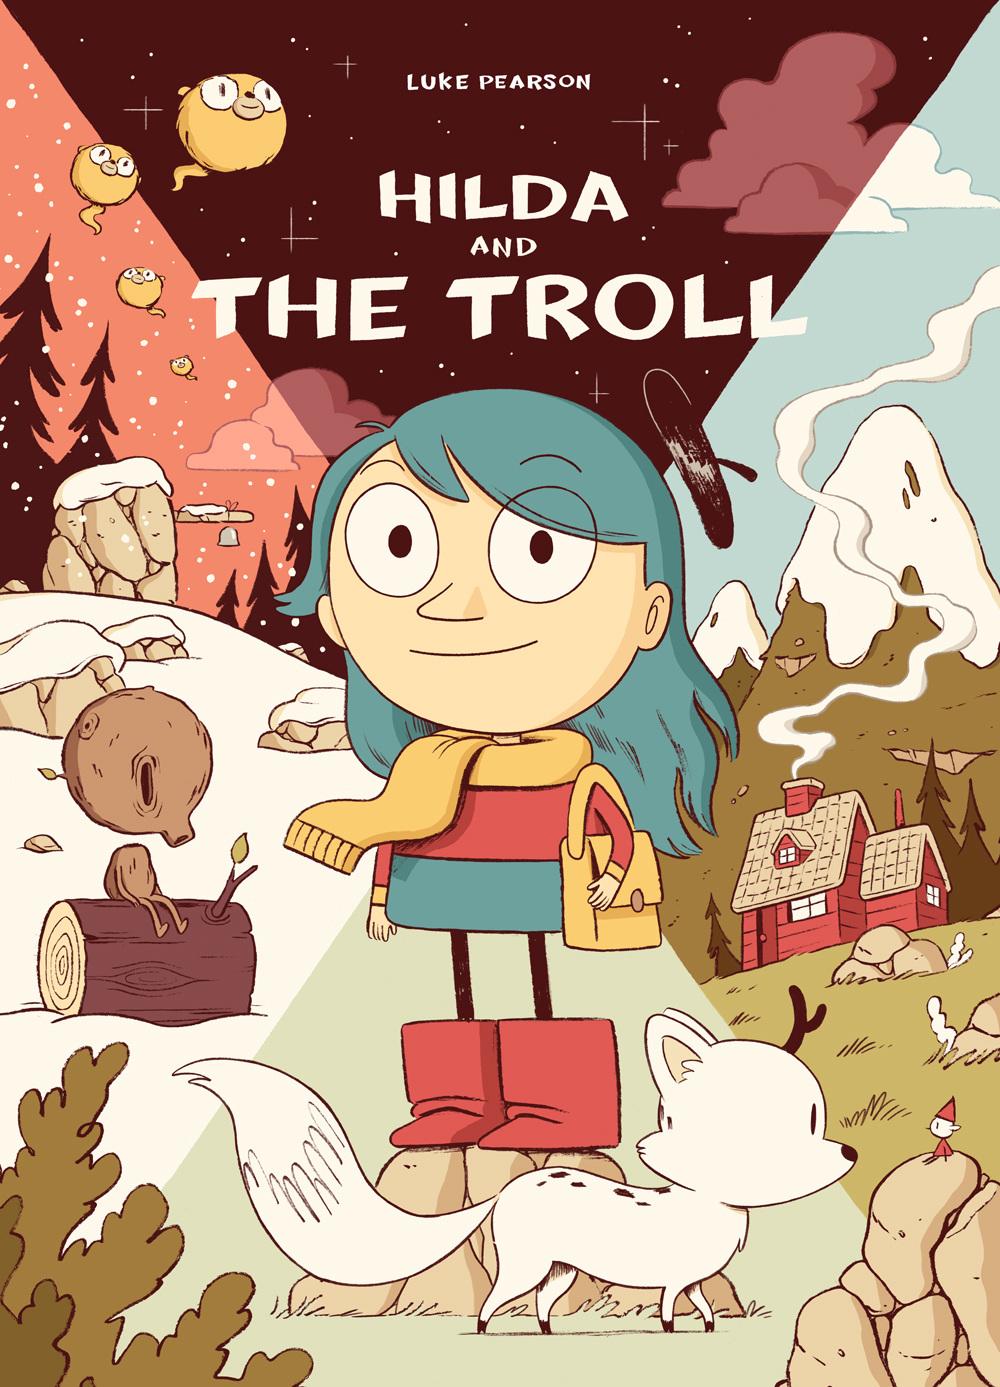 hilda-and-the-troll---web_1000.jpg